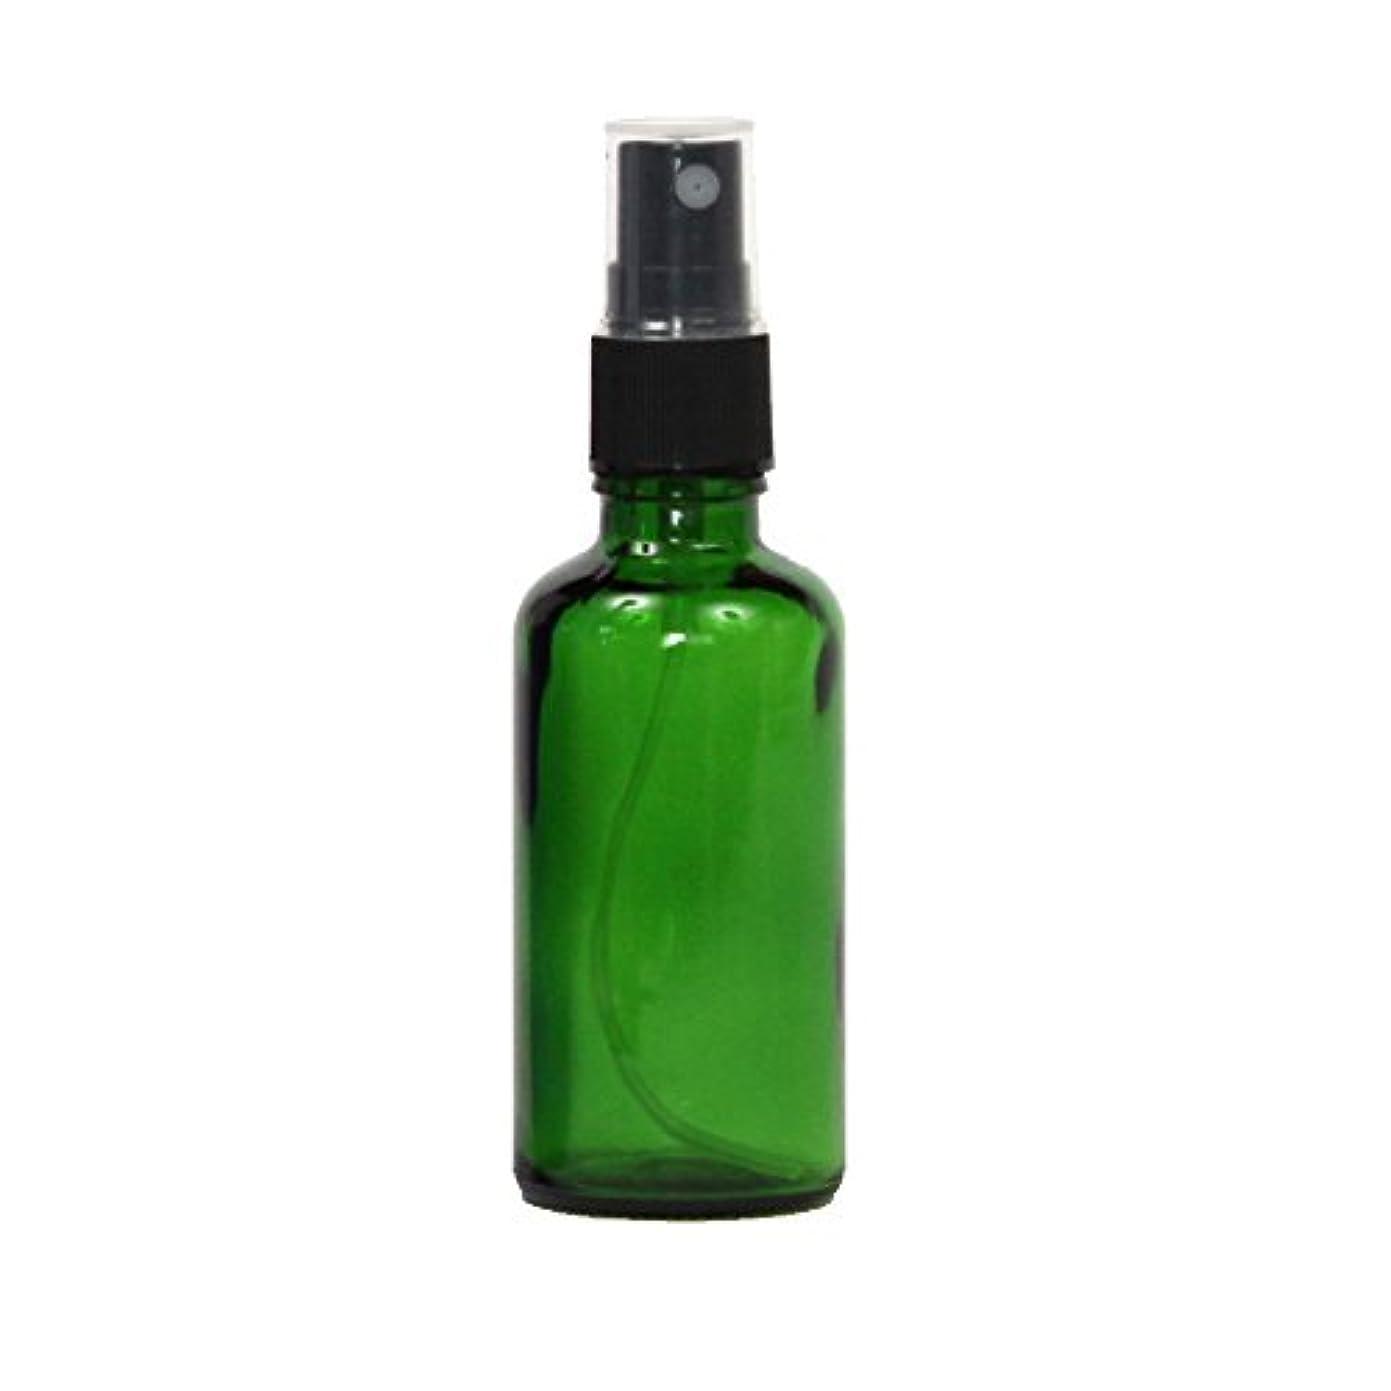 小間メーカー伝導スプレーボトル容器 ガラス瓶 50mL 遮光性グリーン ガラスアトマイザー 空容器gr50g